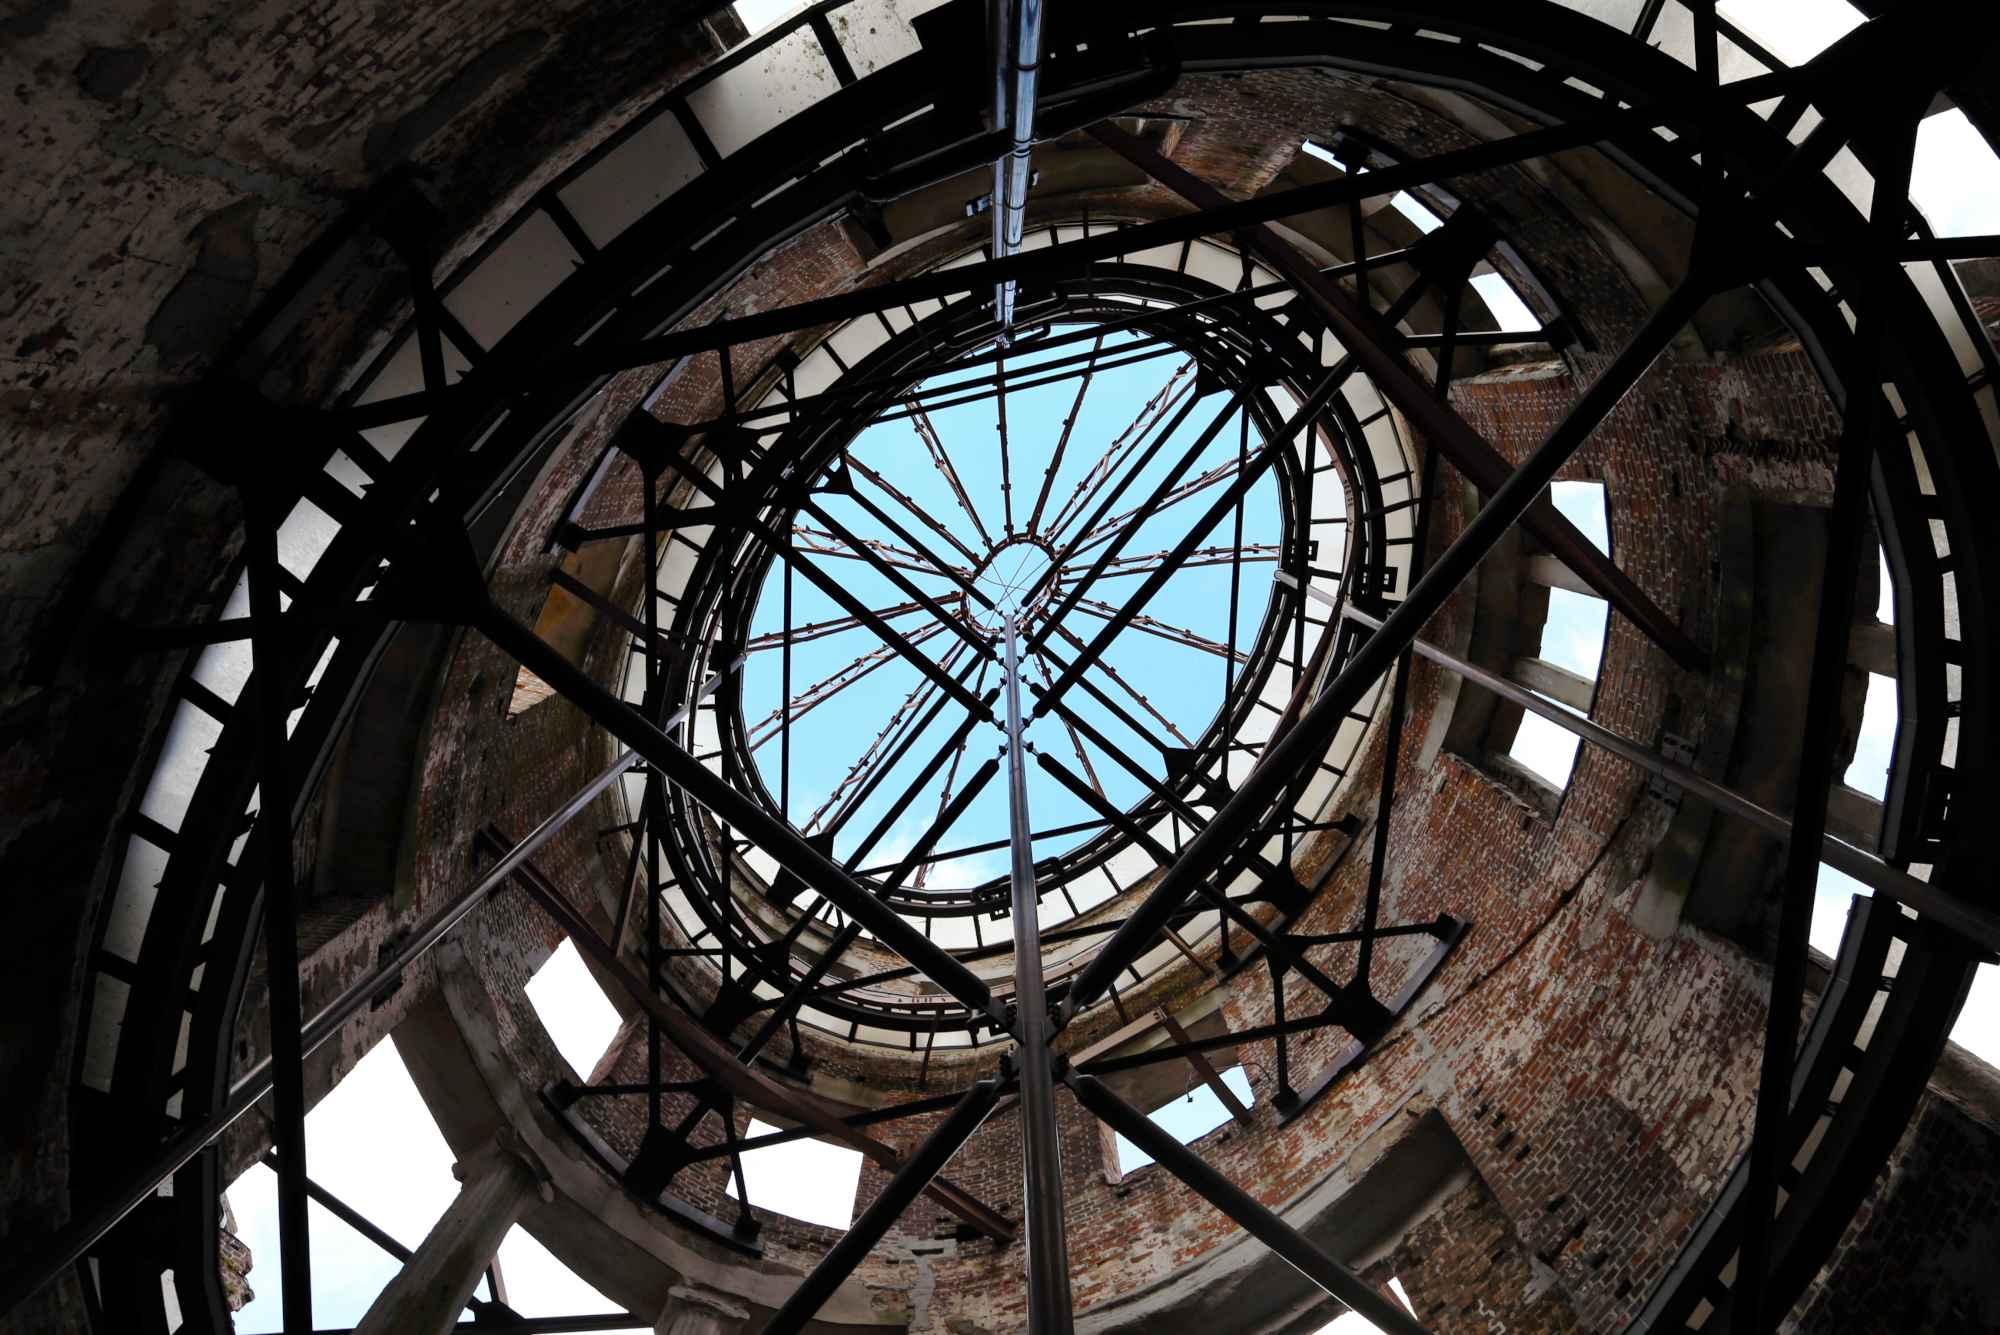 原爆ドーム、世界遺産登録20年 核といのちを考える